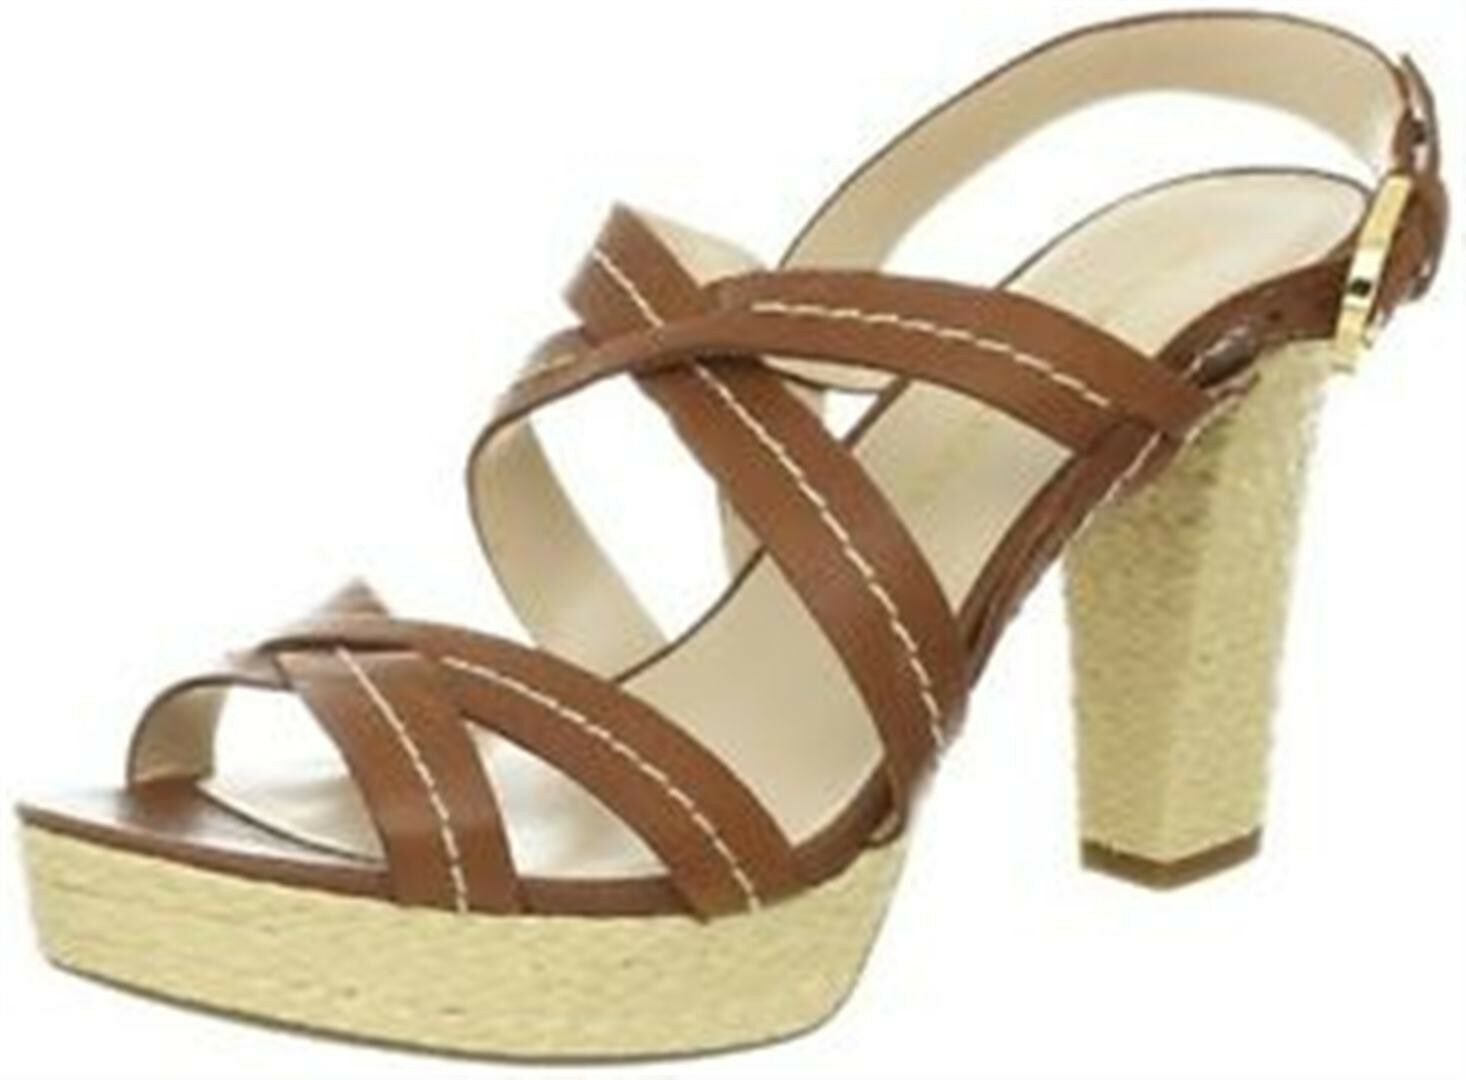 New Franco Sarto  Indira Saddle Platform Leather Sandal femmes sz 9